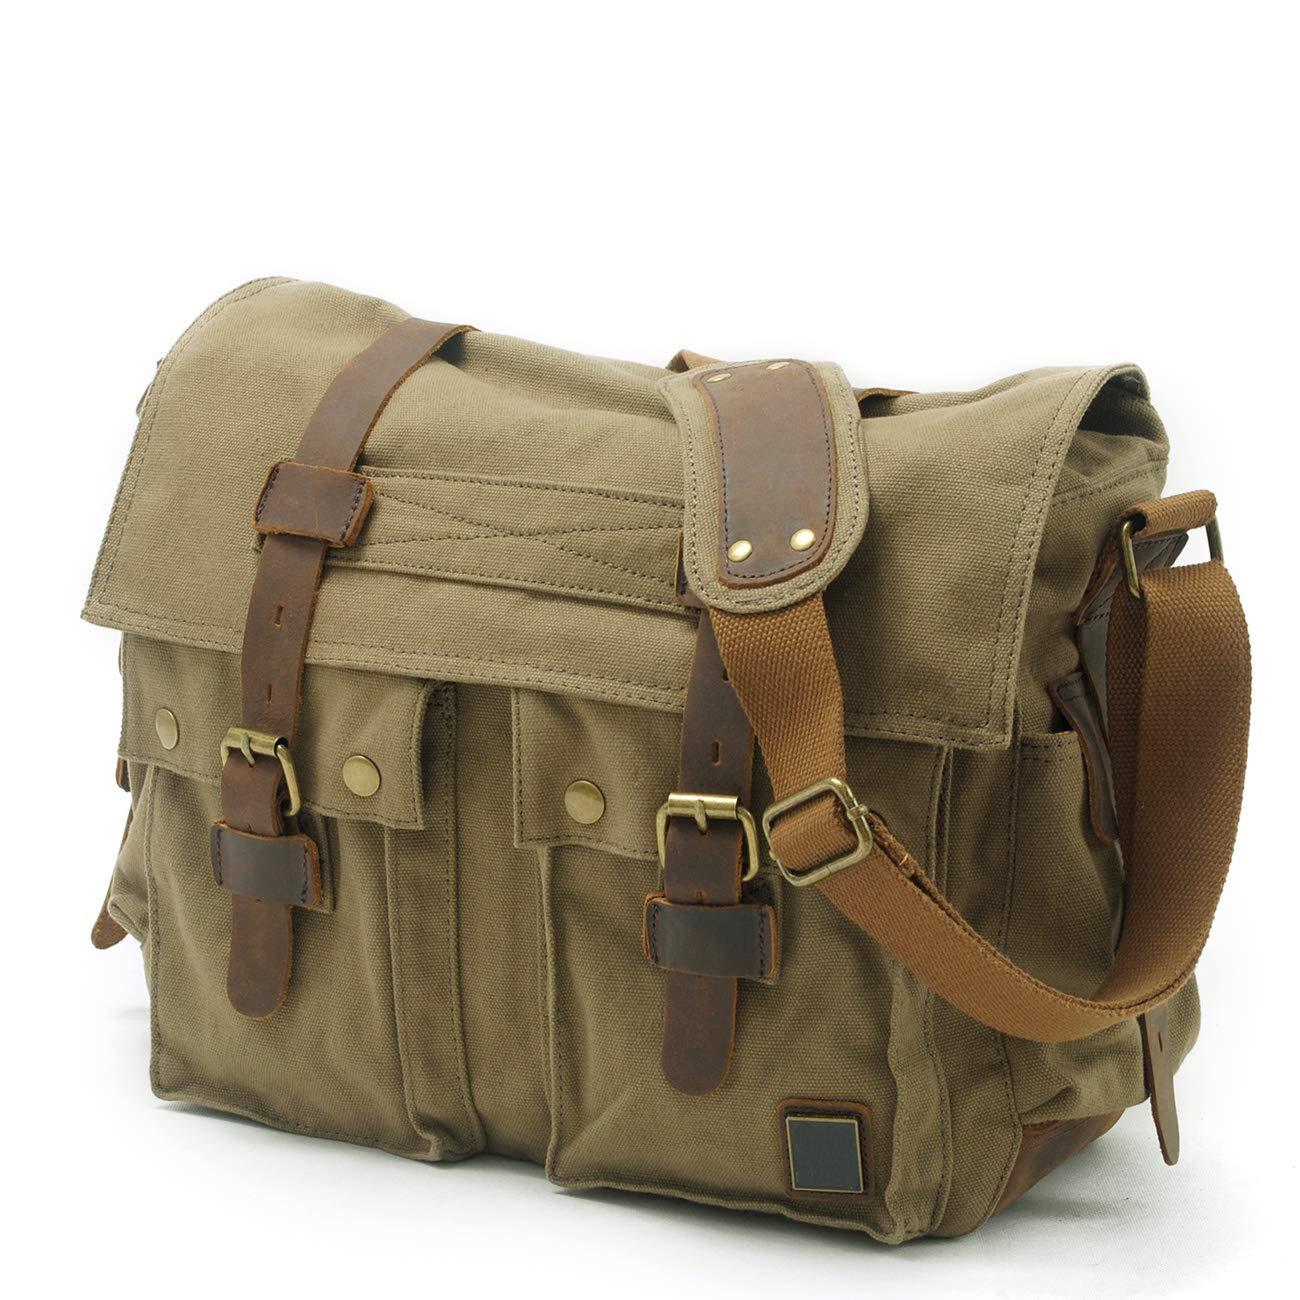 YAOJU Sacs Port/és /épaule Messenger Bag Laptop Briefcase Hommes Femmes Sac de Sport Travail Ecole Cartable Sac Militaire Sac Toile pour Homme